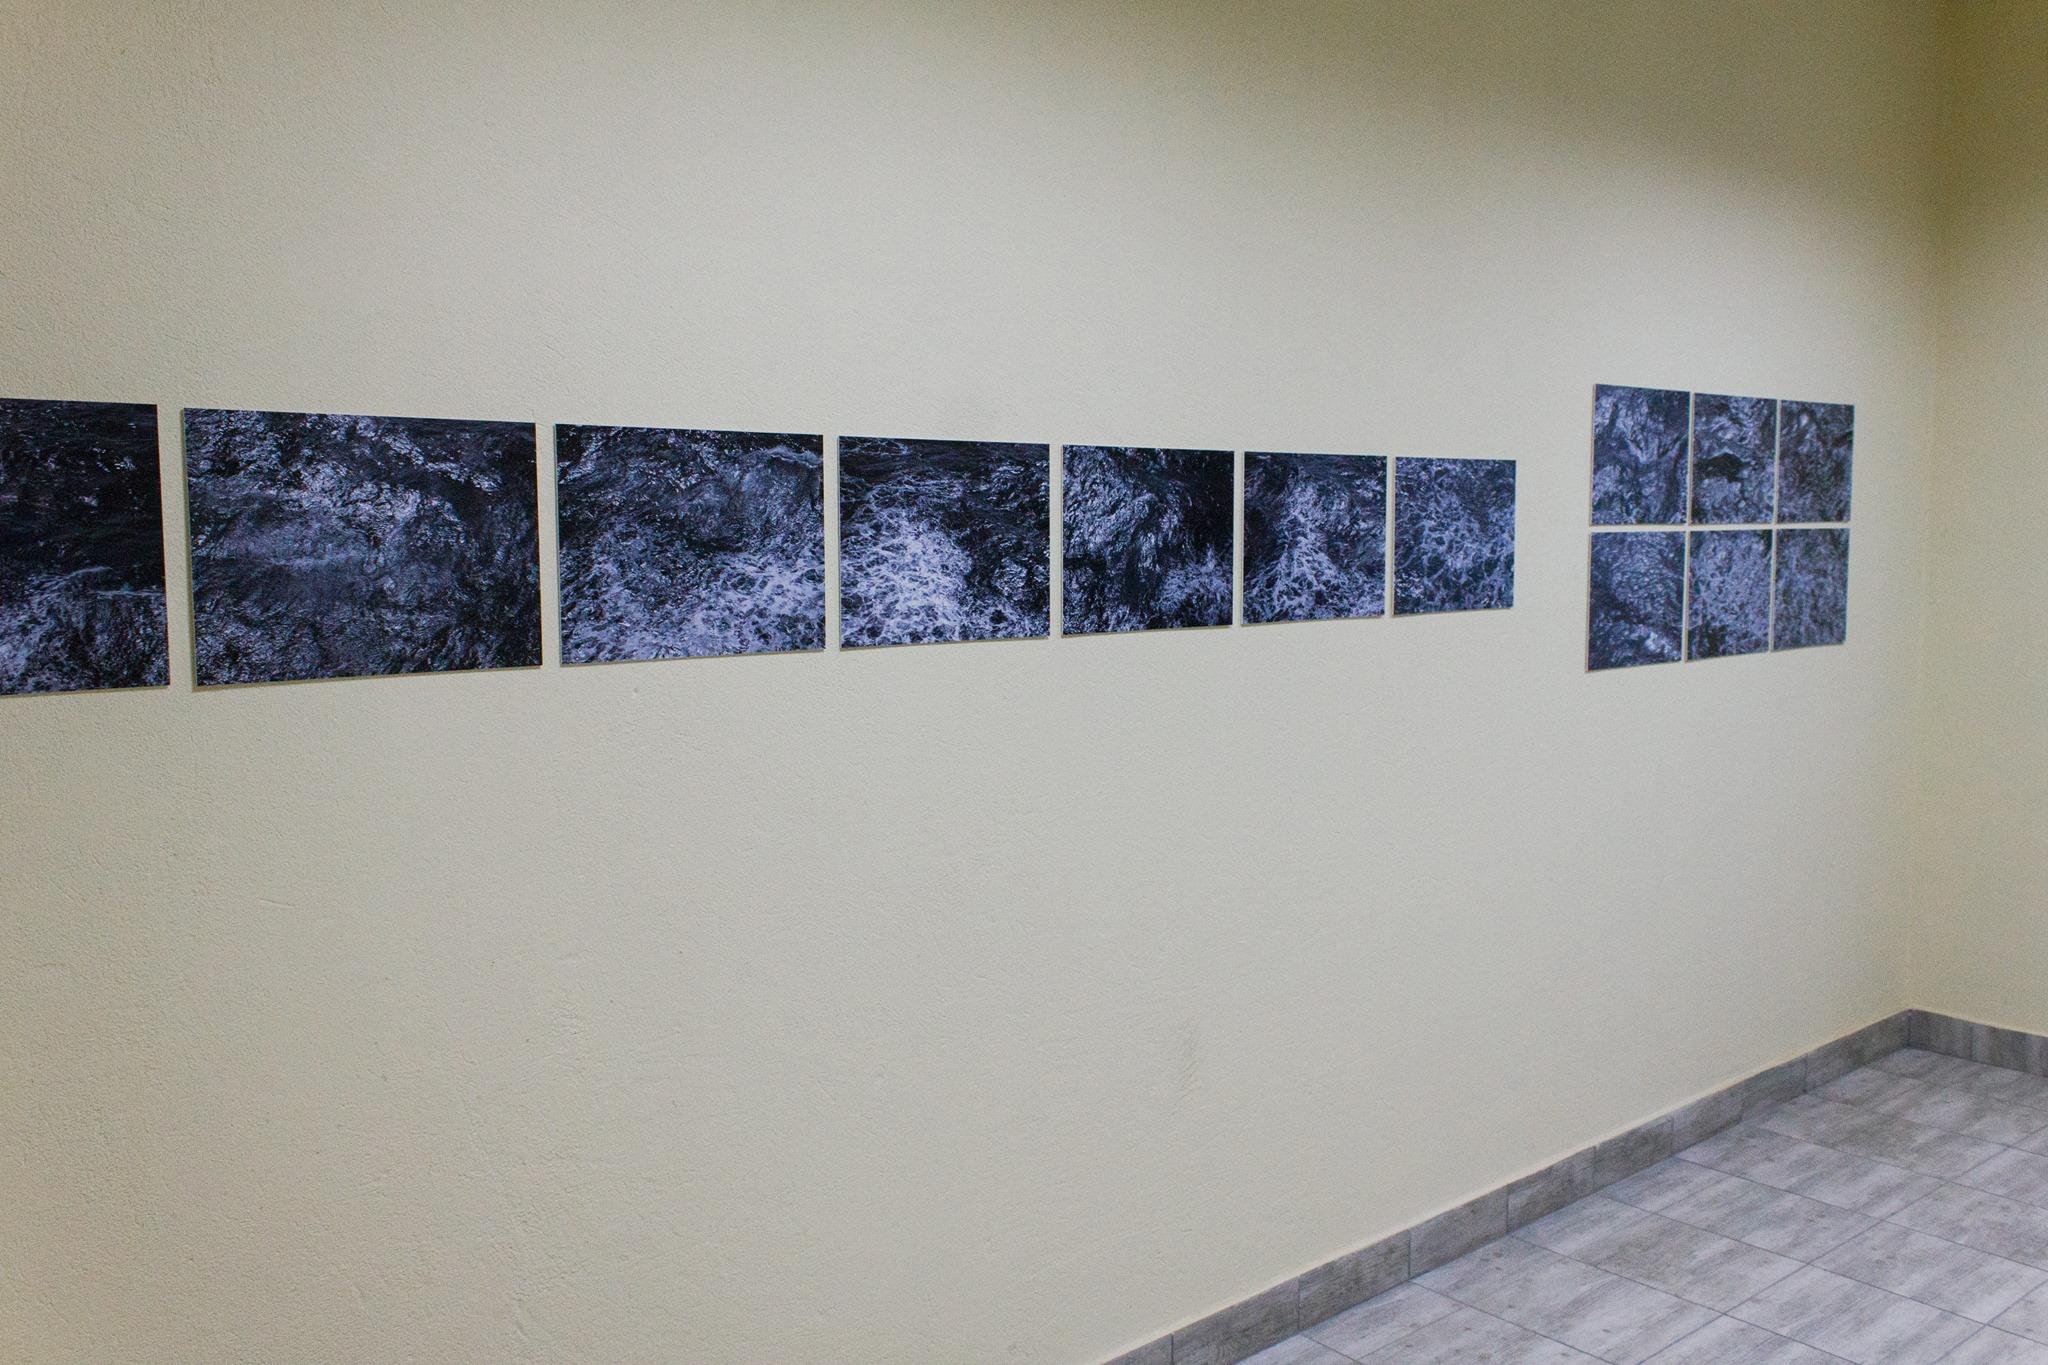 Цифрове мистецтво: у франківському ЦСМ відкрили виставку з Польщі 6